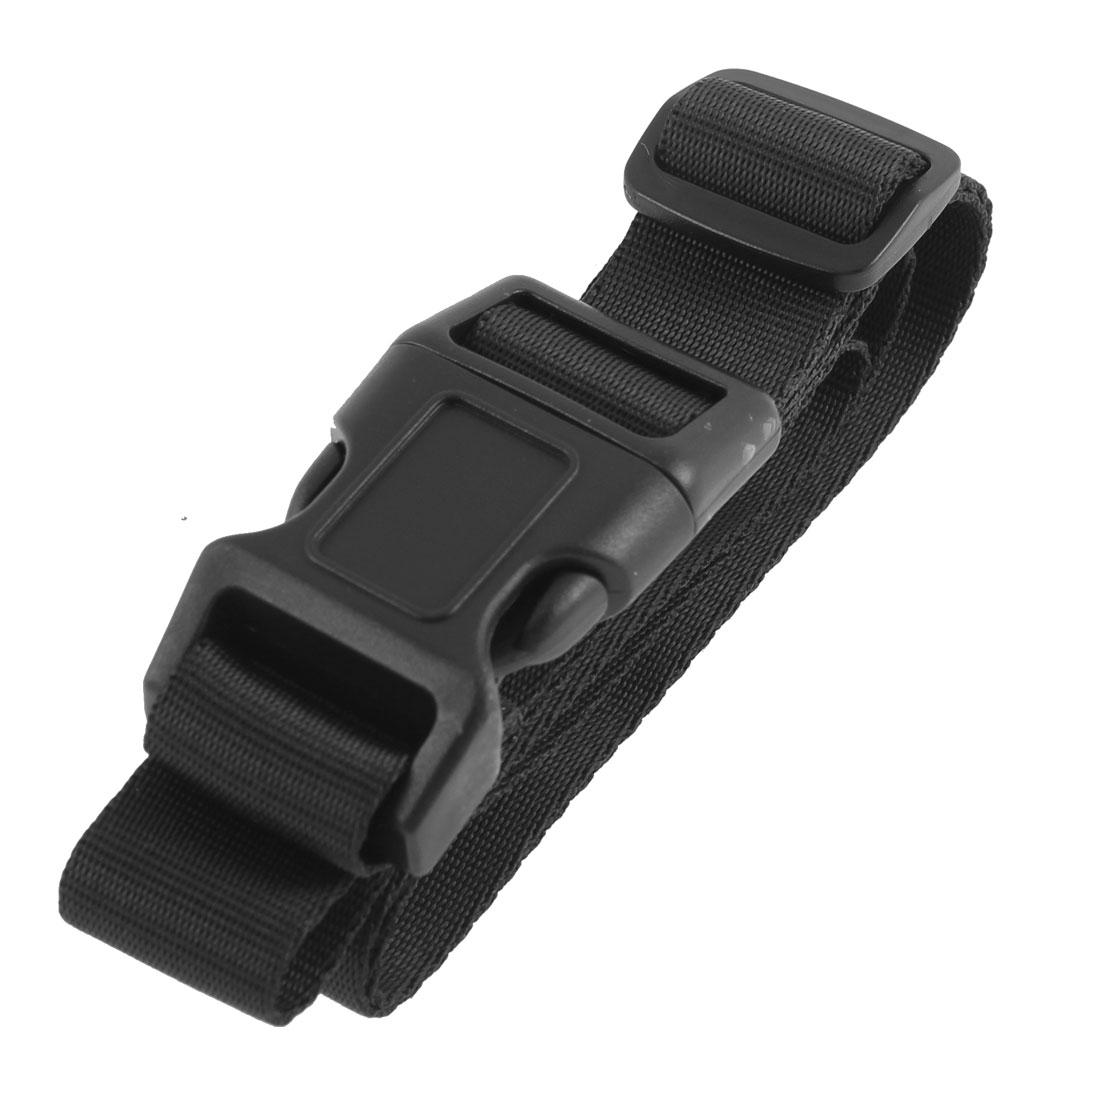 Polypropylene Adjustable Travel Luggage Suitcase Strap Belt Release Buckle Black 1m